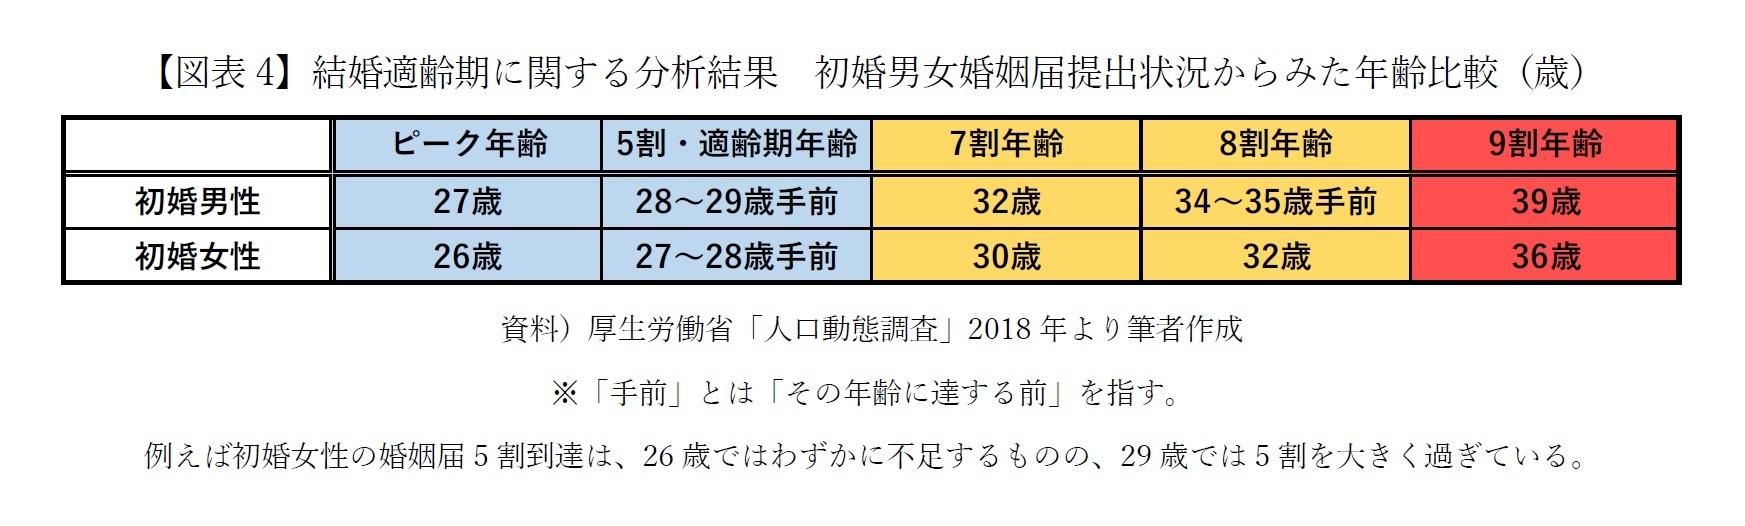 【図表4】結婚適齢期に関する分析結果 初婚男女婚姻届提出状況からみた年齢比較(歳)